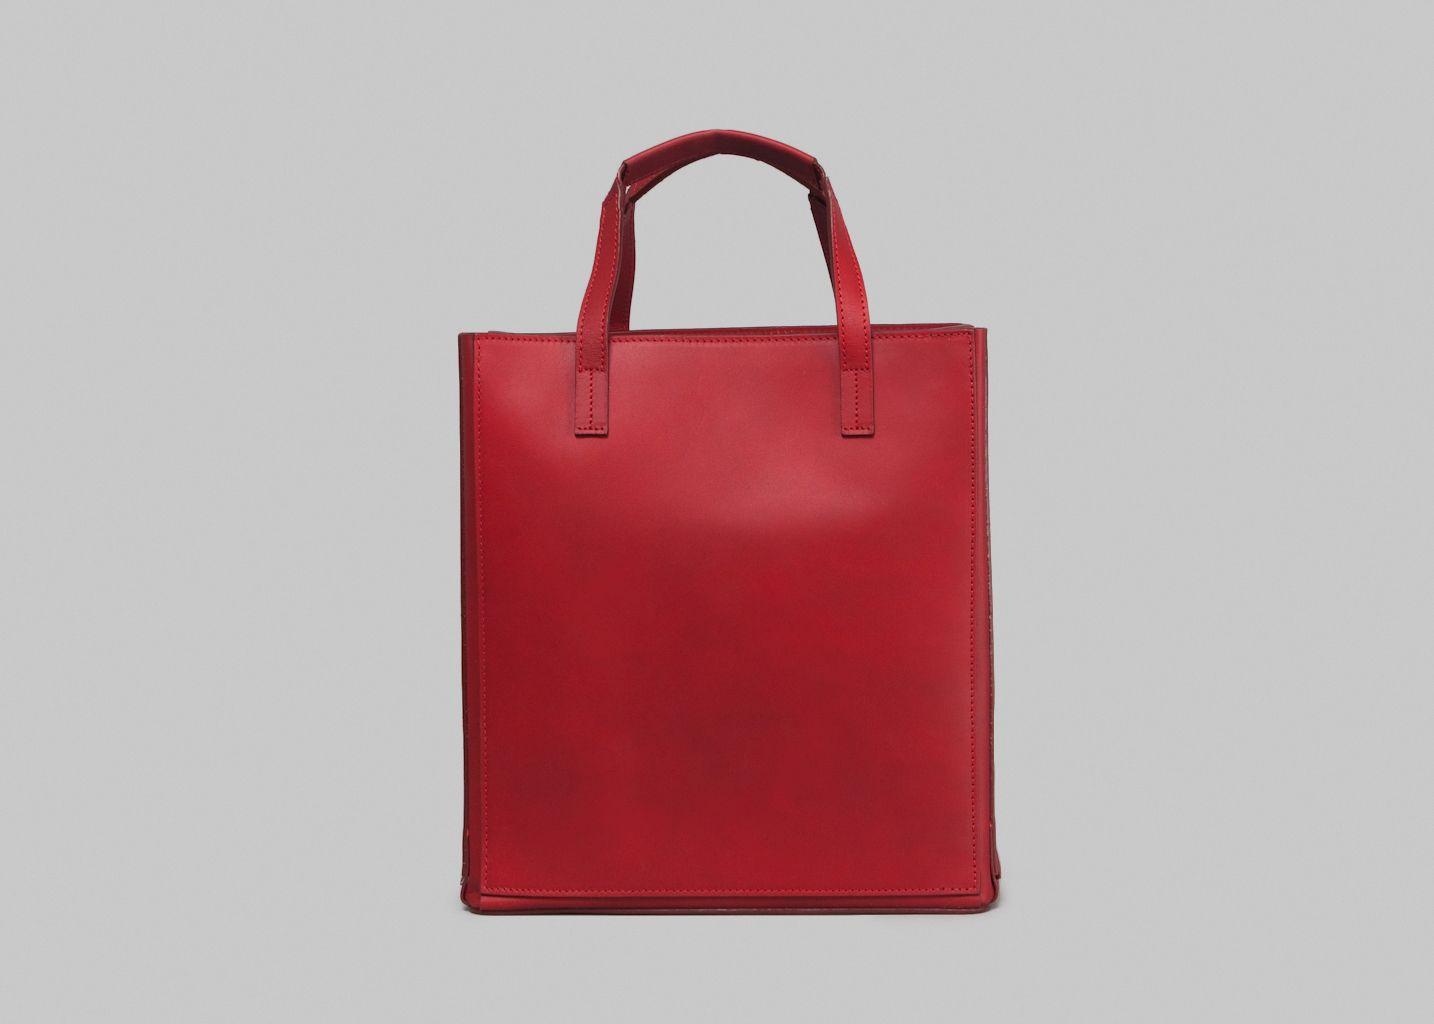 Sac Cabas Paper Bag - Bonastre